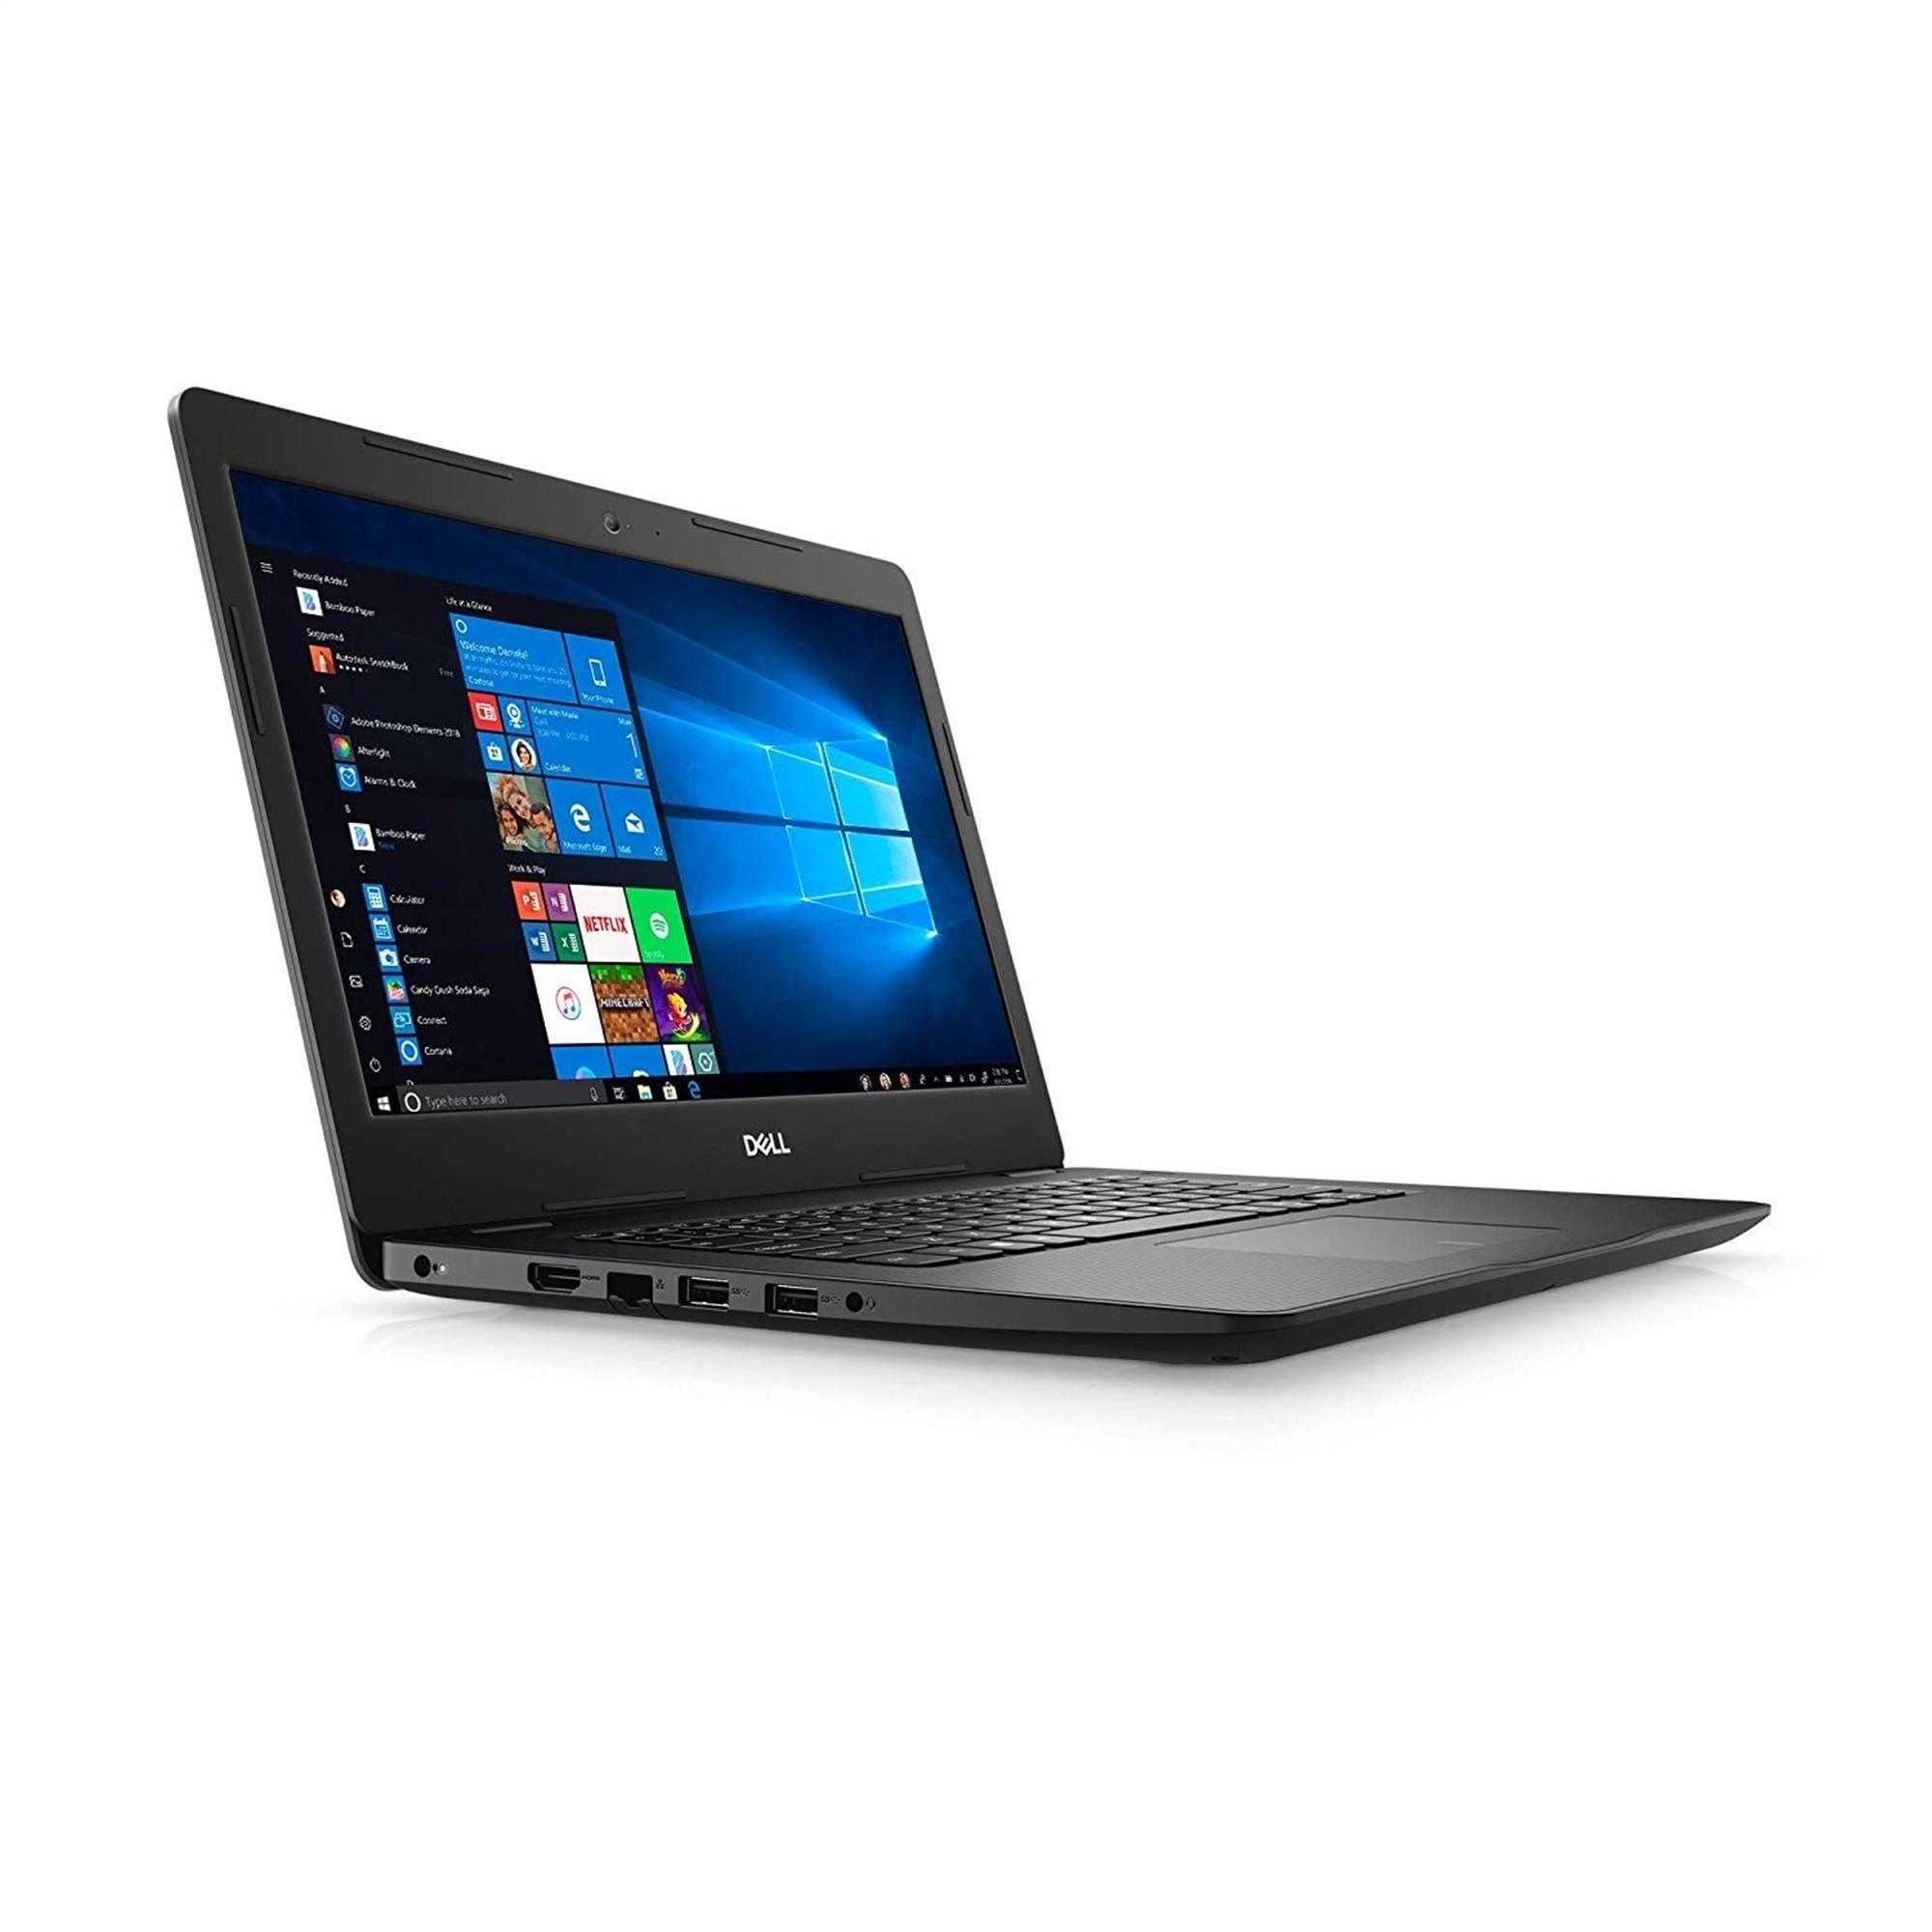 Dell Inspiron 14 3493 14-inch (2019) - Core i3-1005G1 - 4 GB - SSD 128 GB